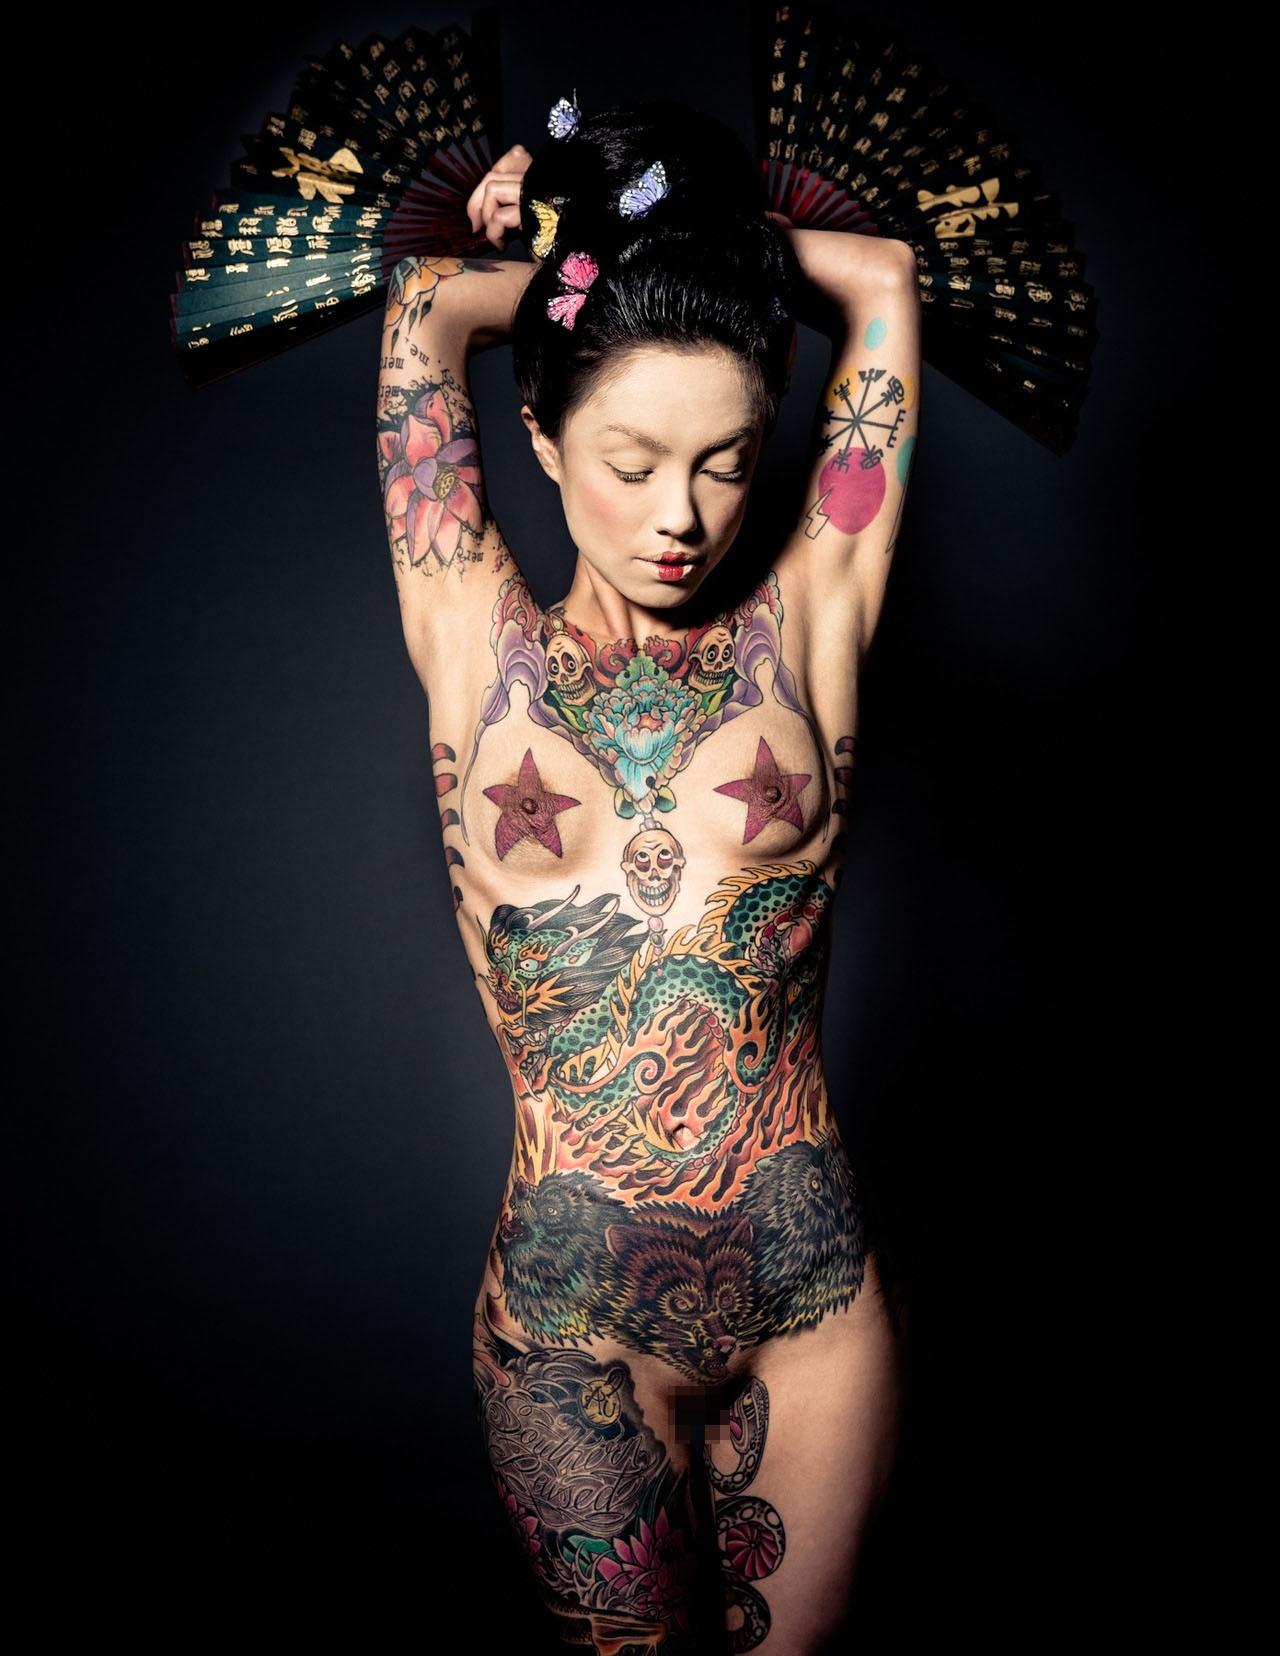 【海外エロ画像】初見で「ひっ…」と確実に漏らすw厳ついタトゥー入れた外人美女www 10